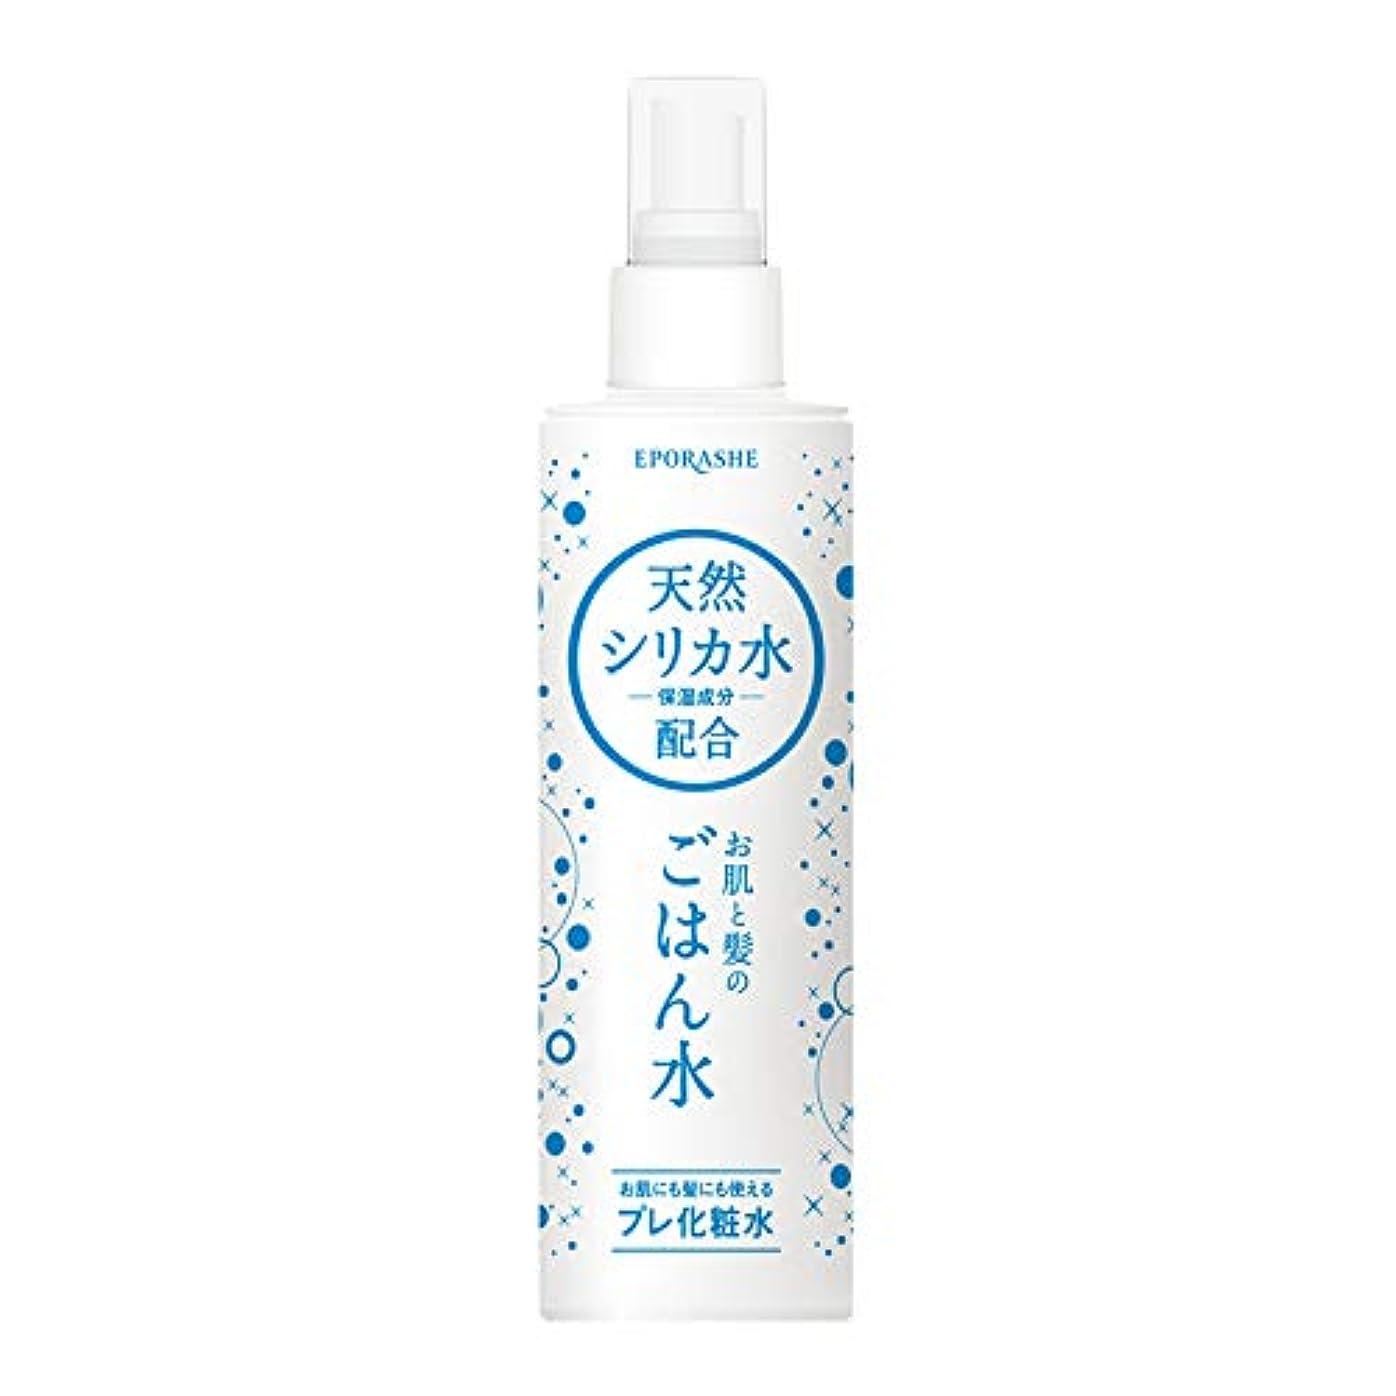 高さイデオロギー持っているEPORASHE お肌と髪のごはん水 ケイ素(天然シリカ)のプレ化粧水